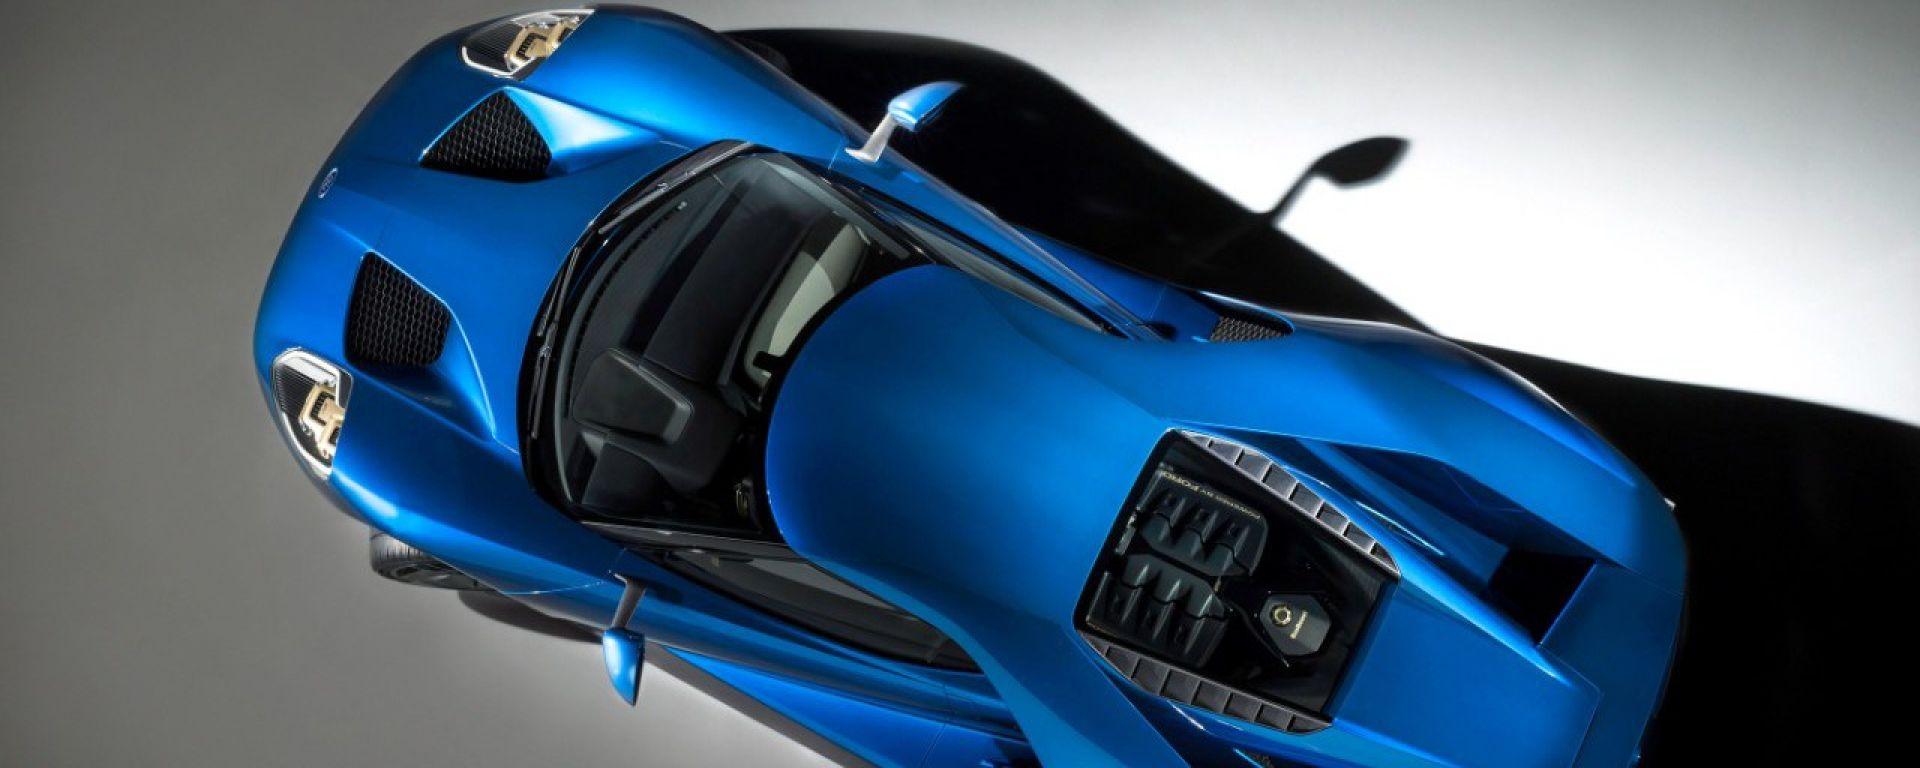 Ford: parabrezza Gorilla Glass per la GT